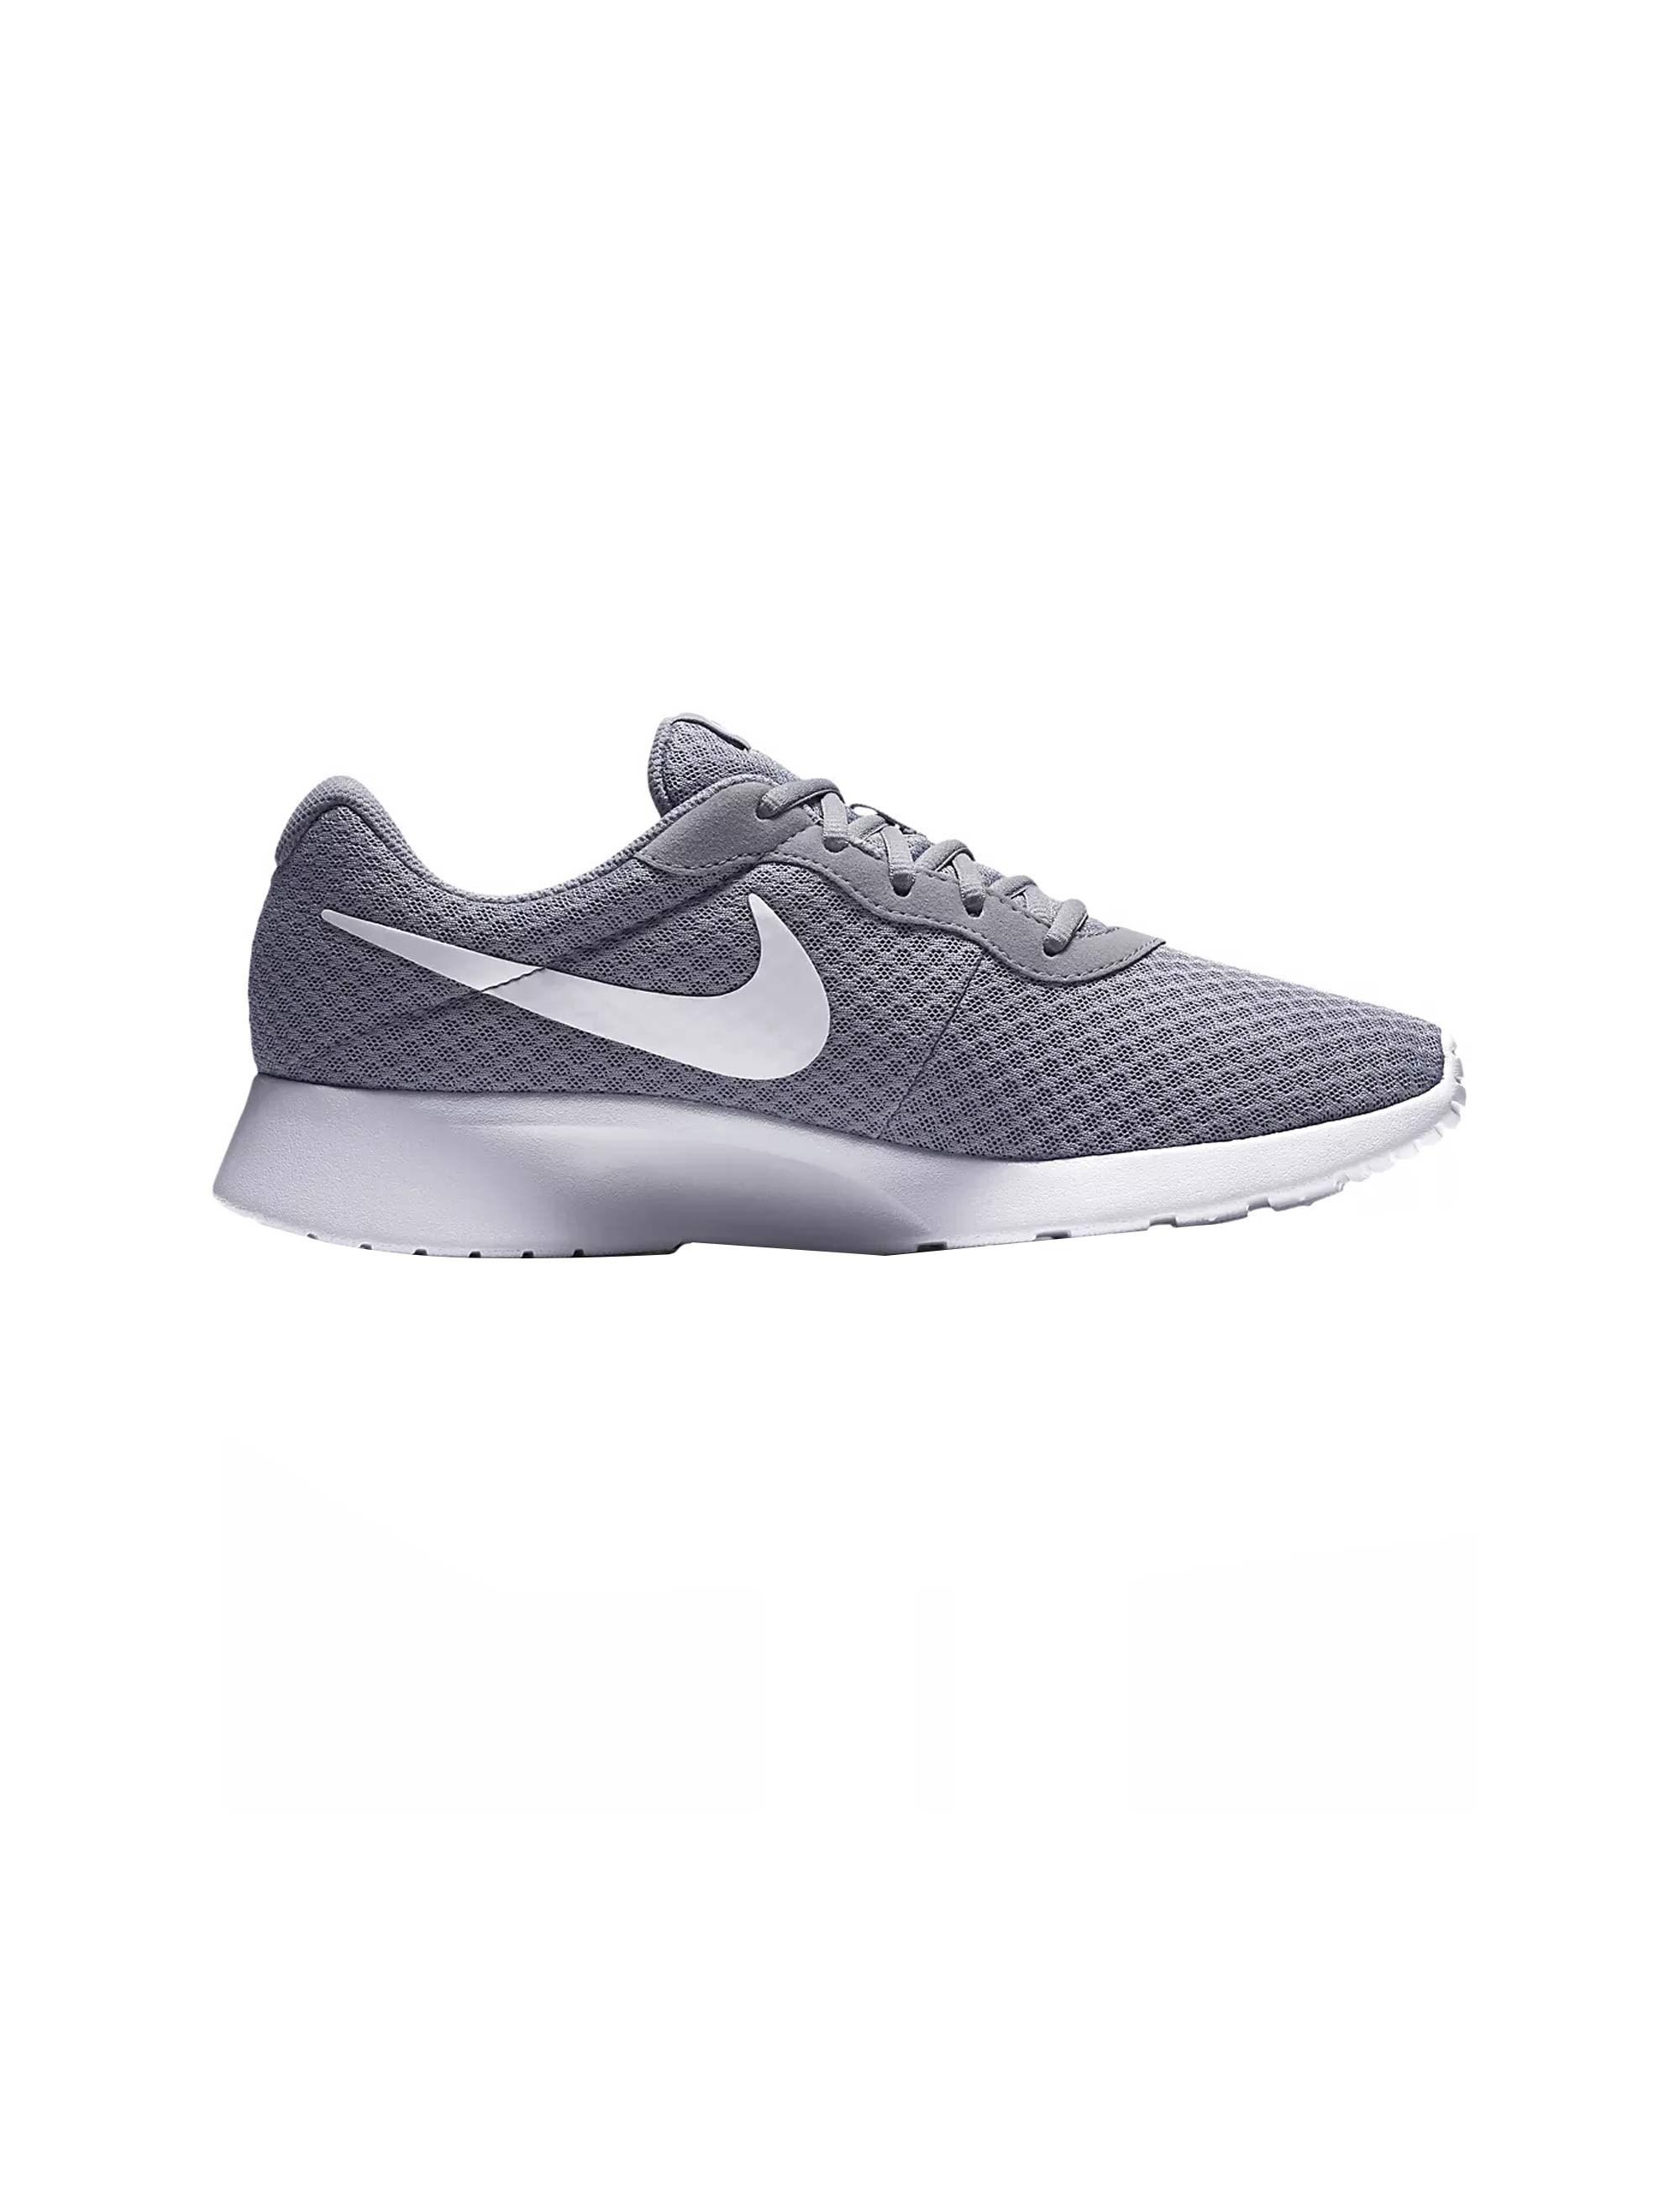 قیمت کفش پیاده روی بندی مردانه Tanjun - نایکی